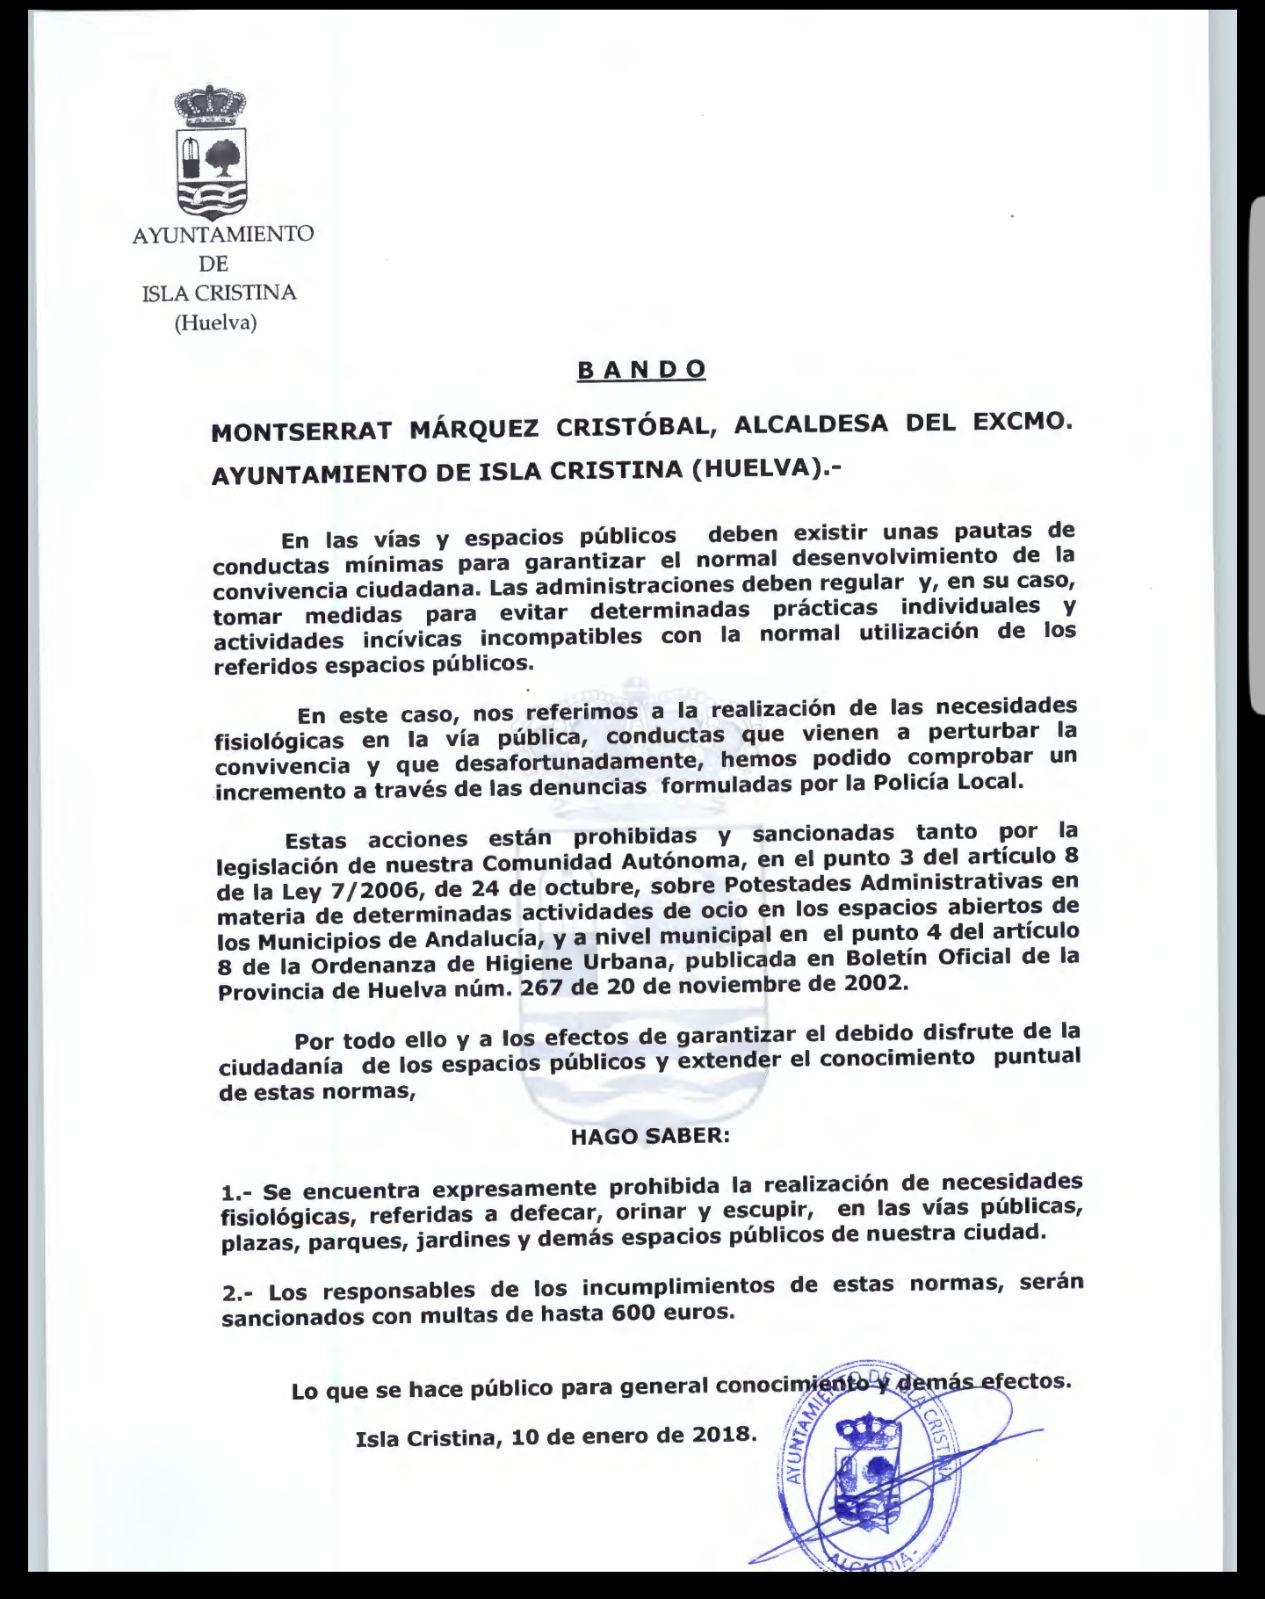 El Ayuntamiento de Isla Cristina anuncia sanciones de 600 euros por defecar, orinar o escupir en la vía pública